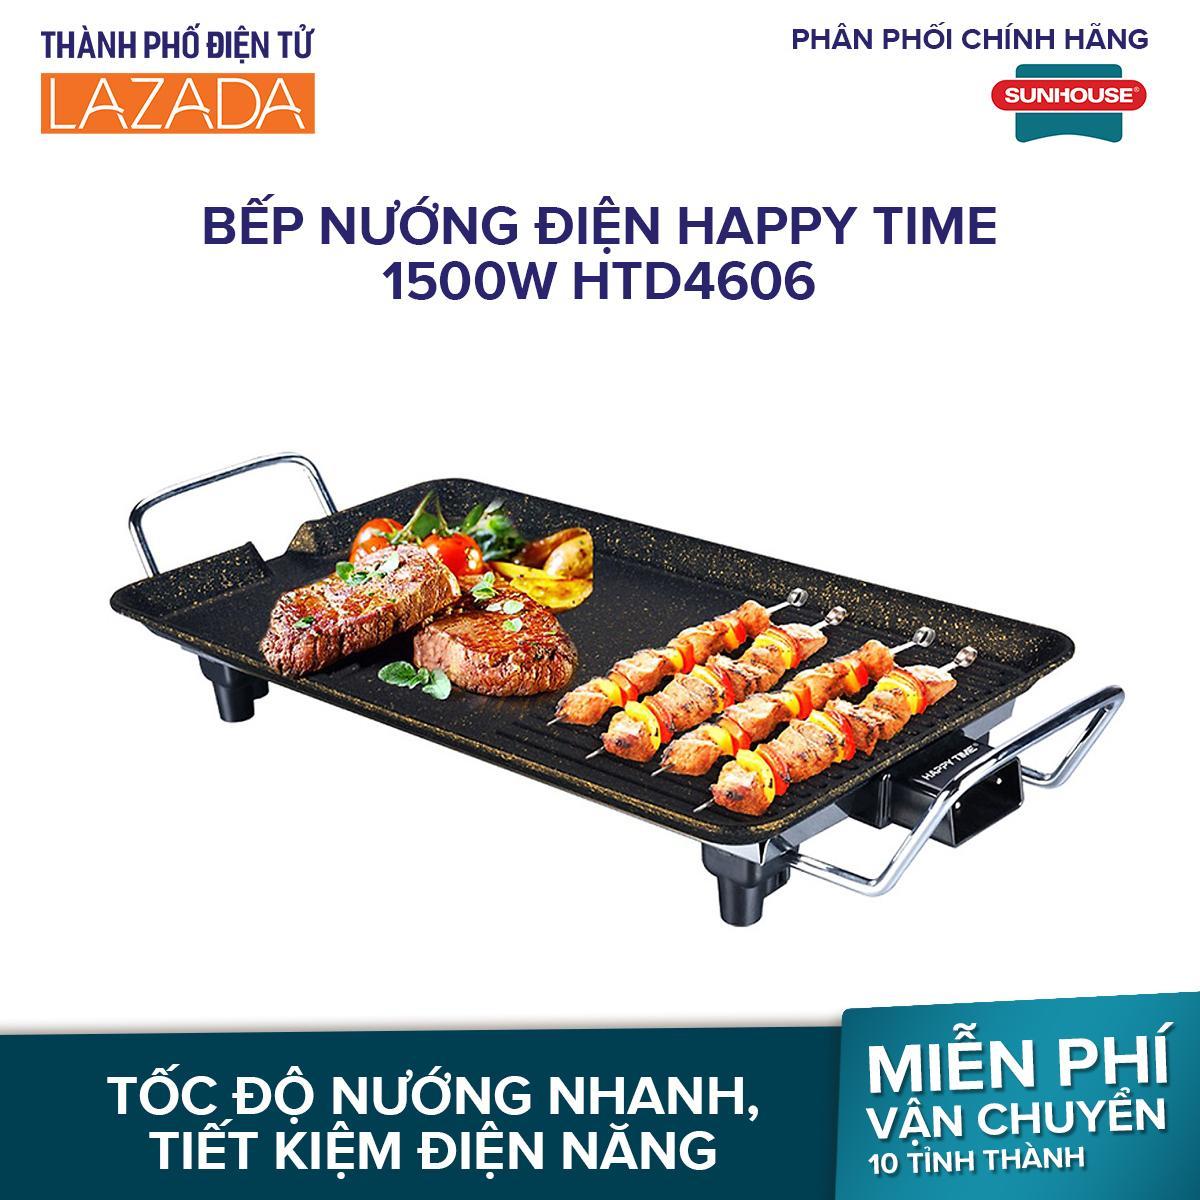 Bếp nướng điện Happy Time 1500W HTD4606